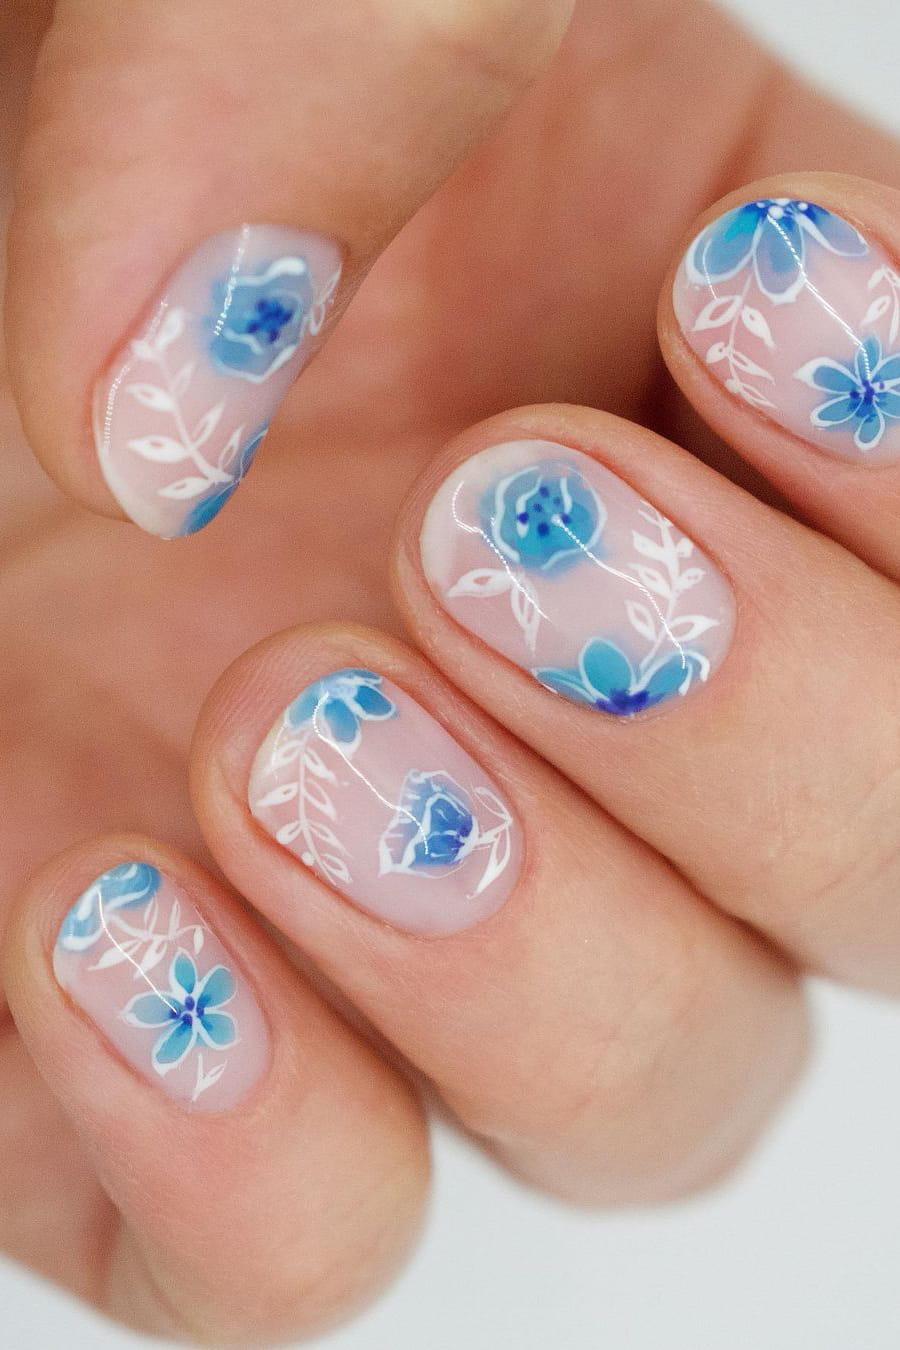 Floral summer short nails